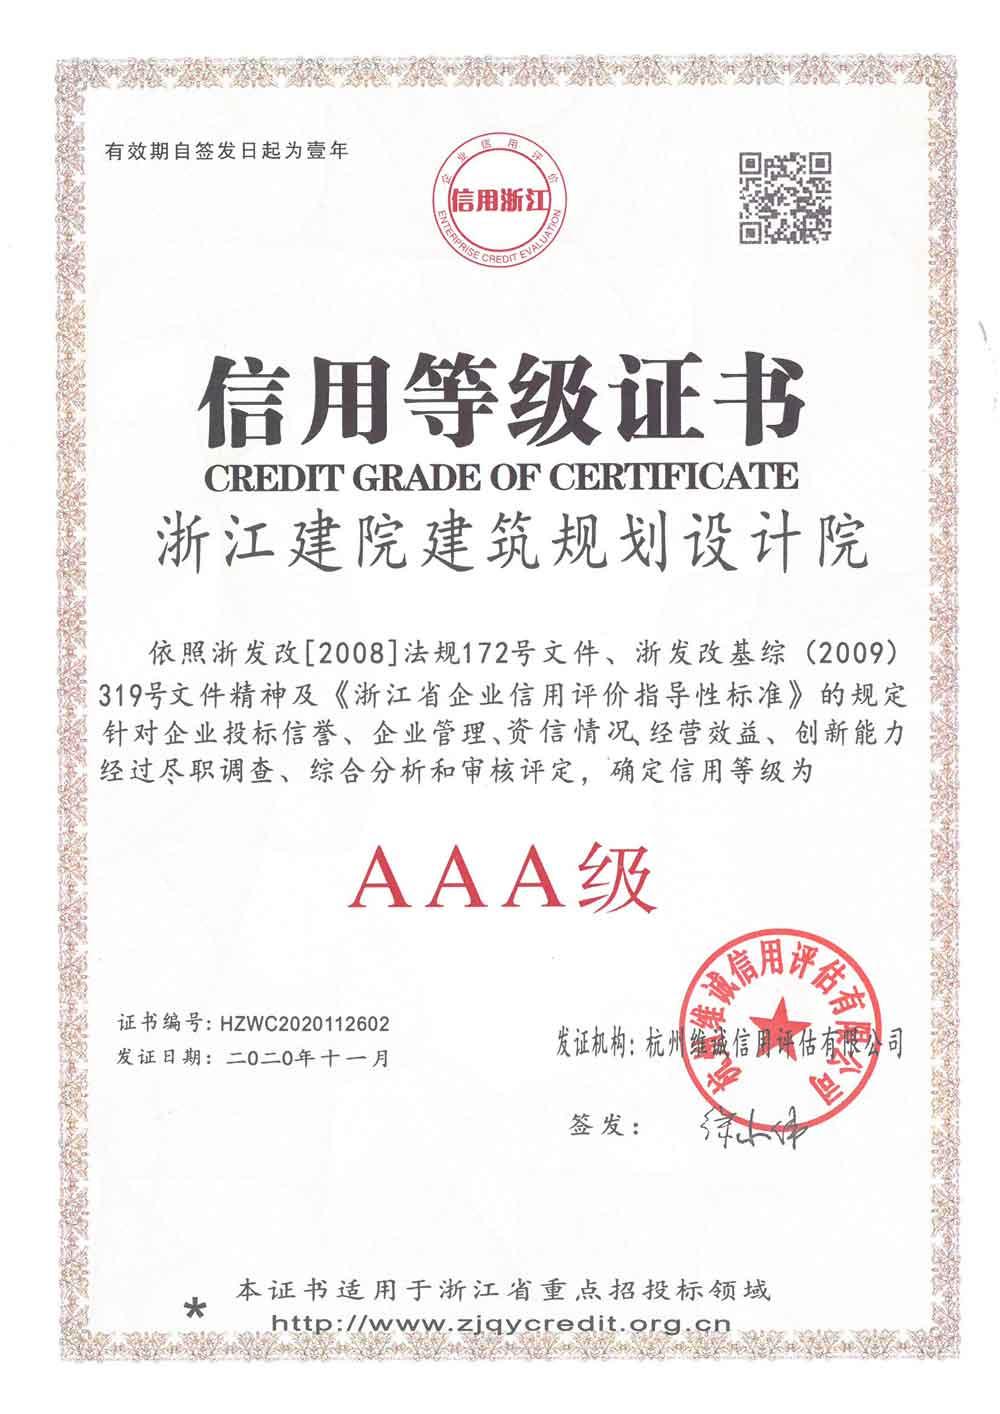 企业信用等级AAA级证书